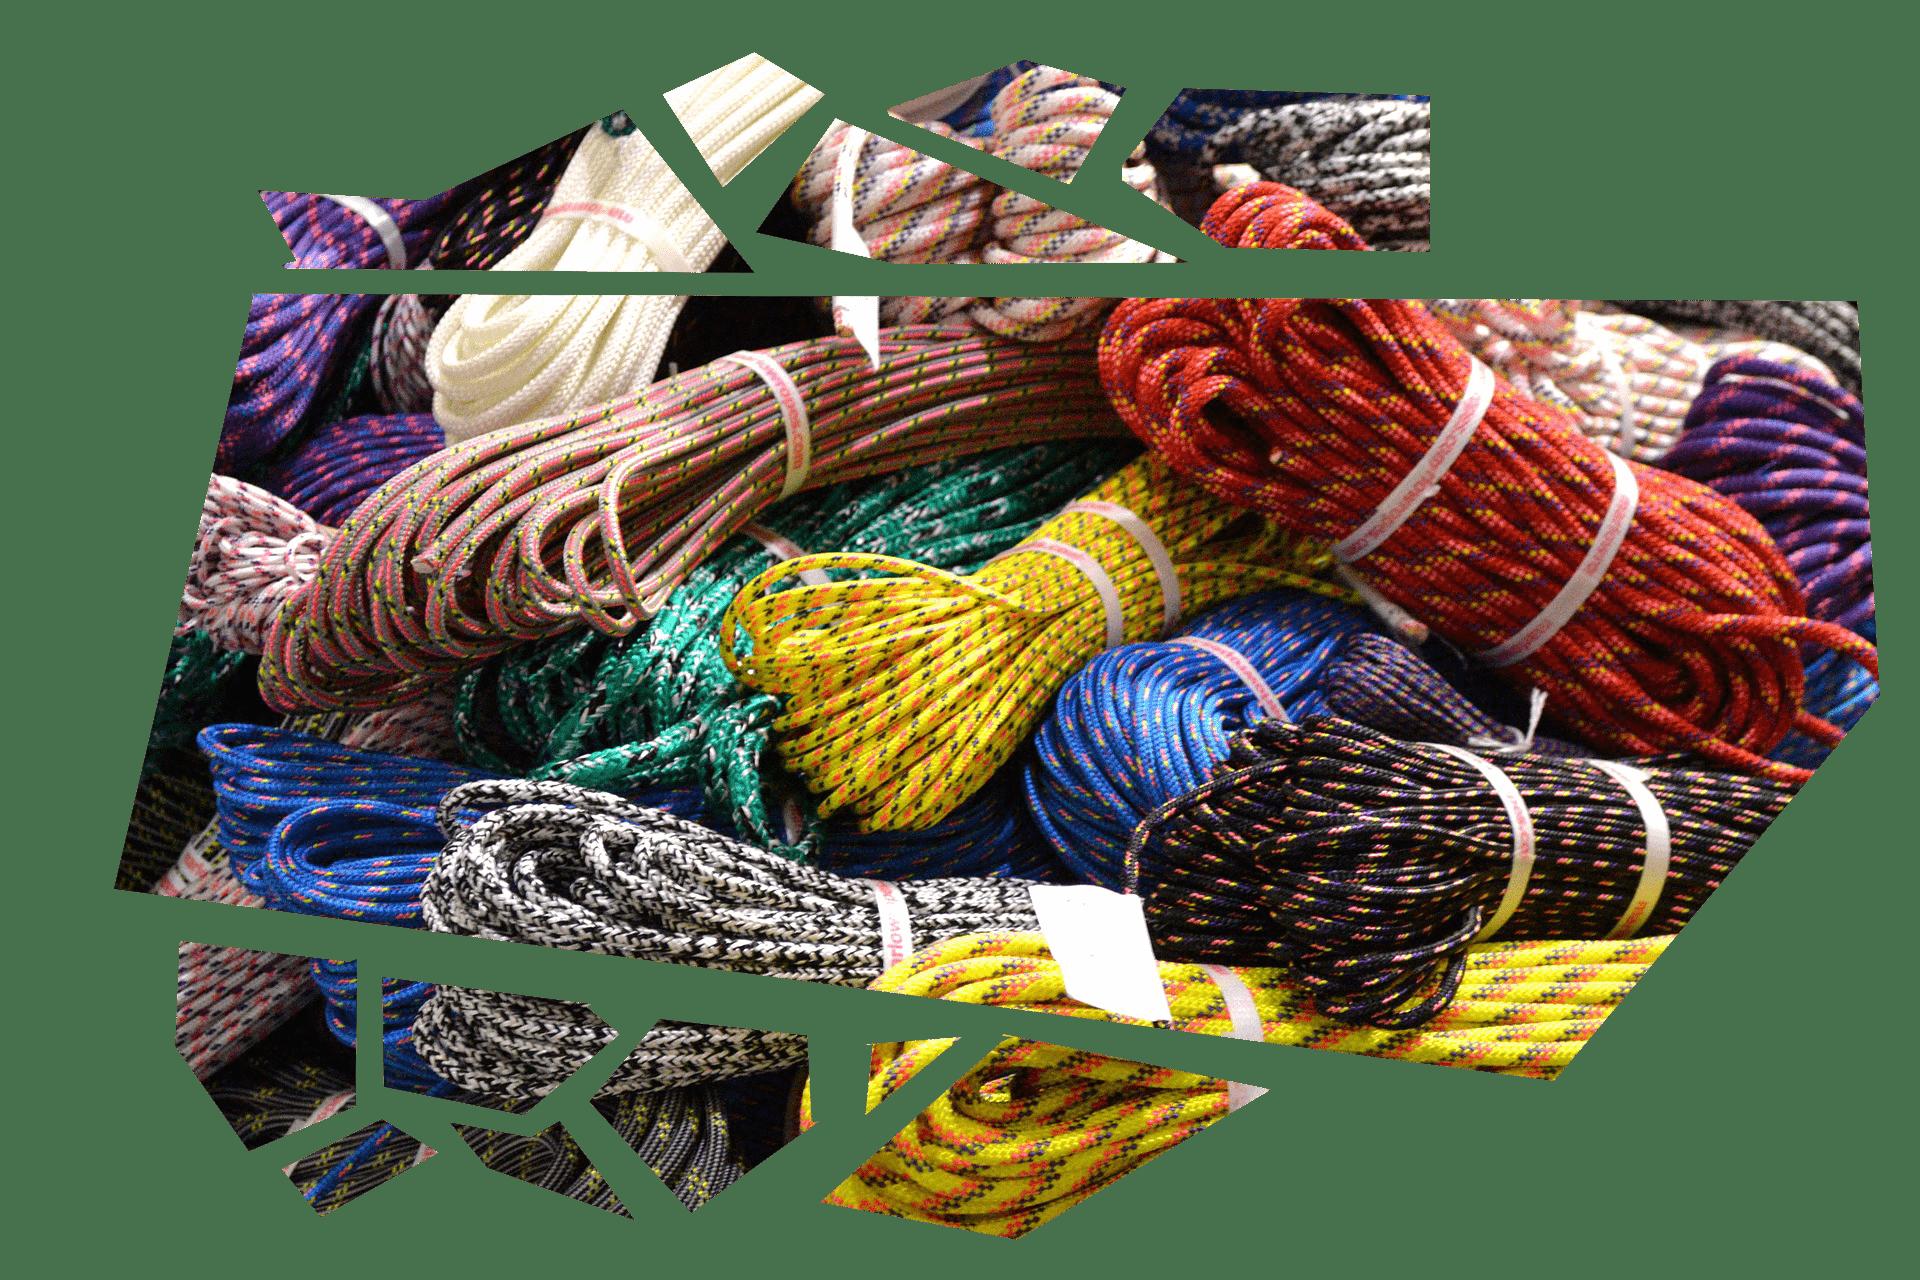 Recyclage de cordes d'escalade